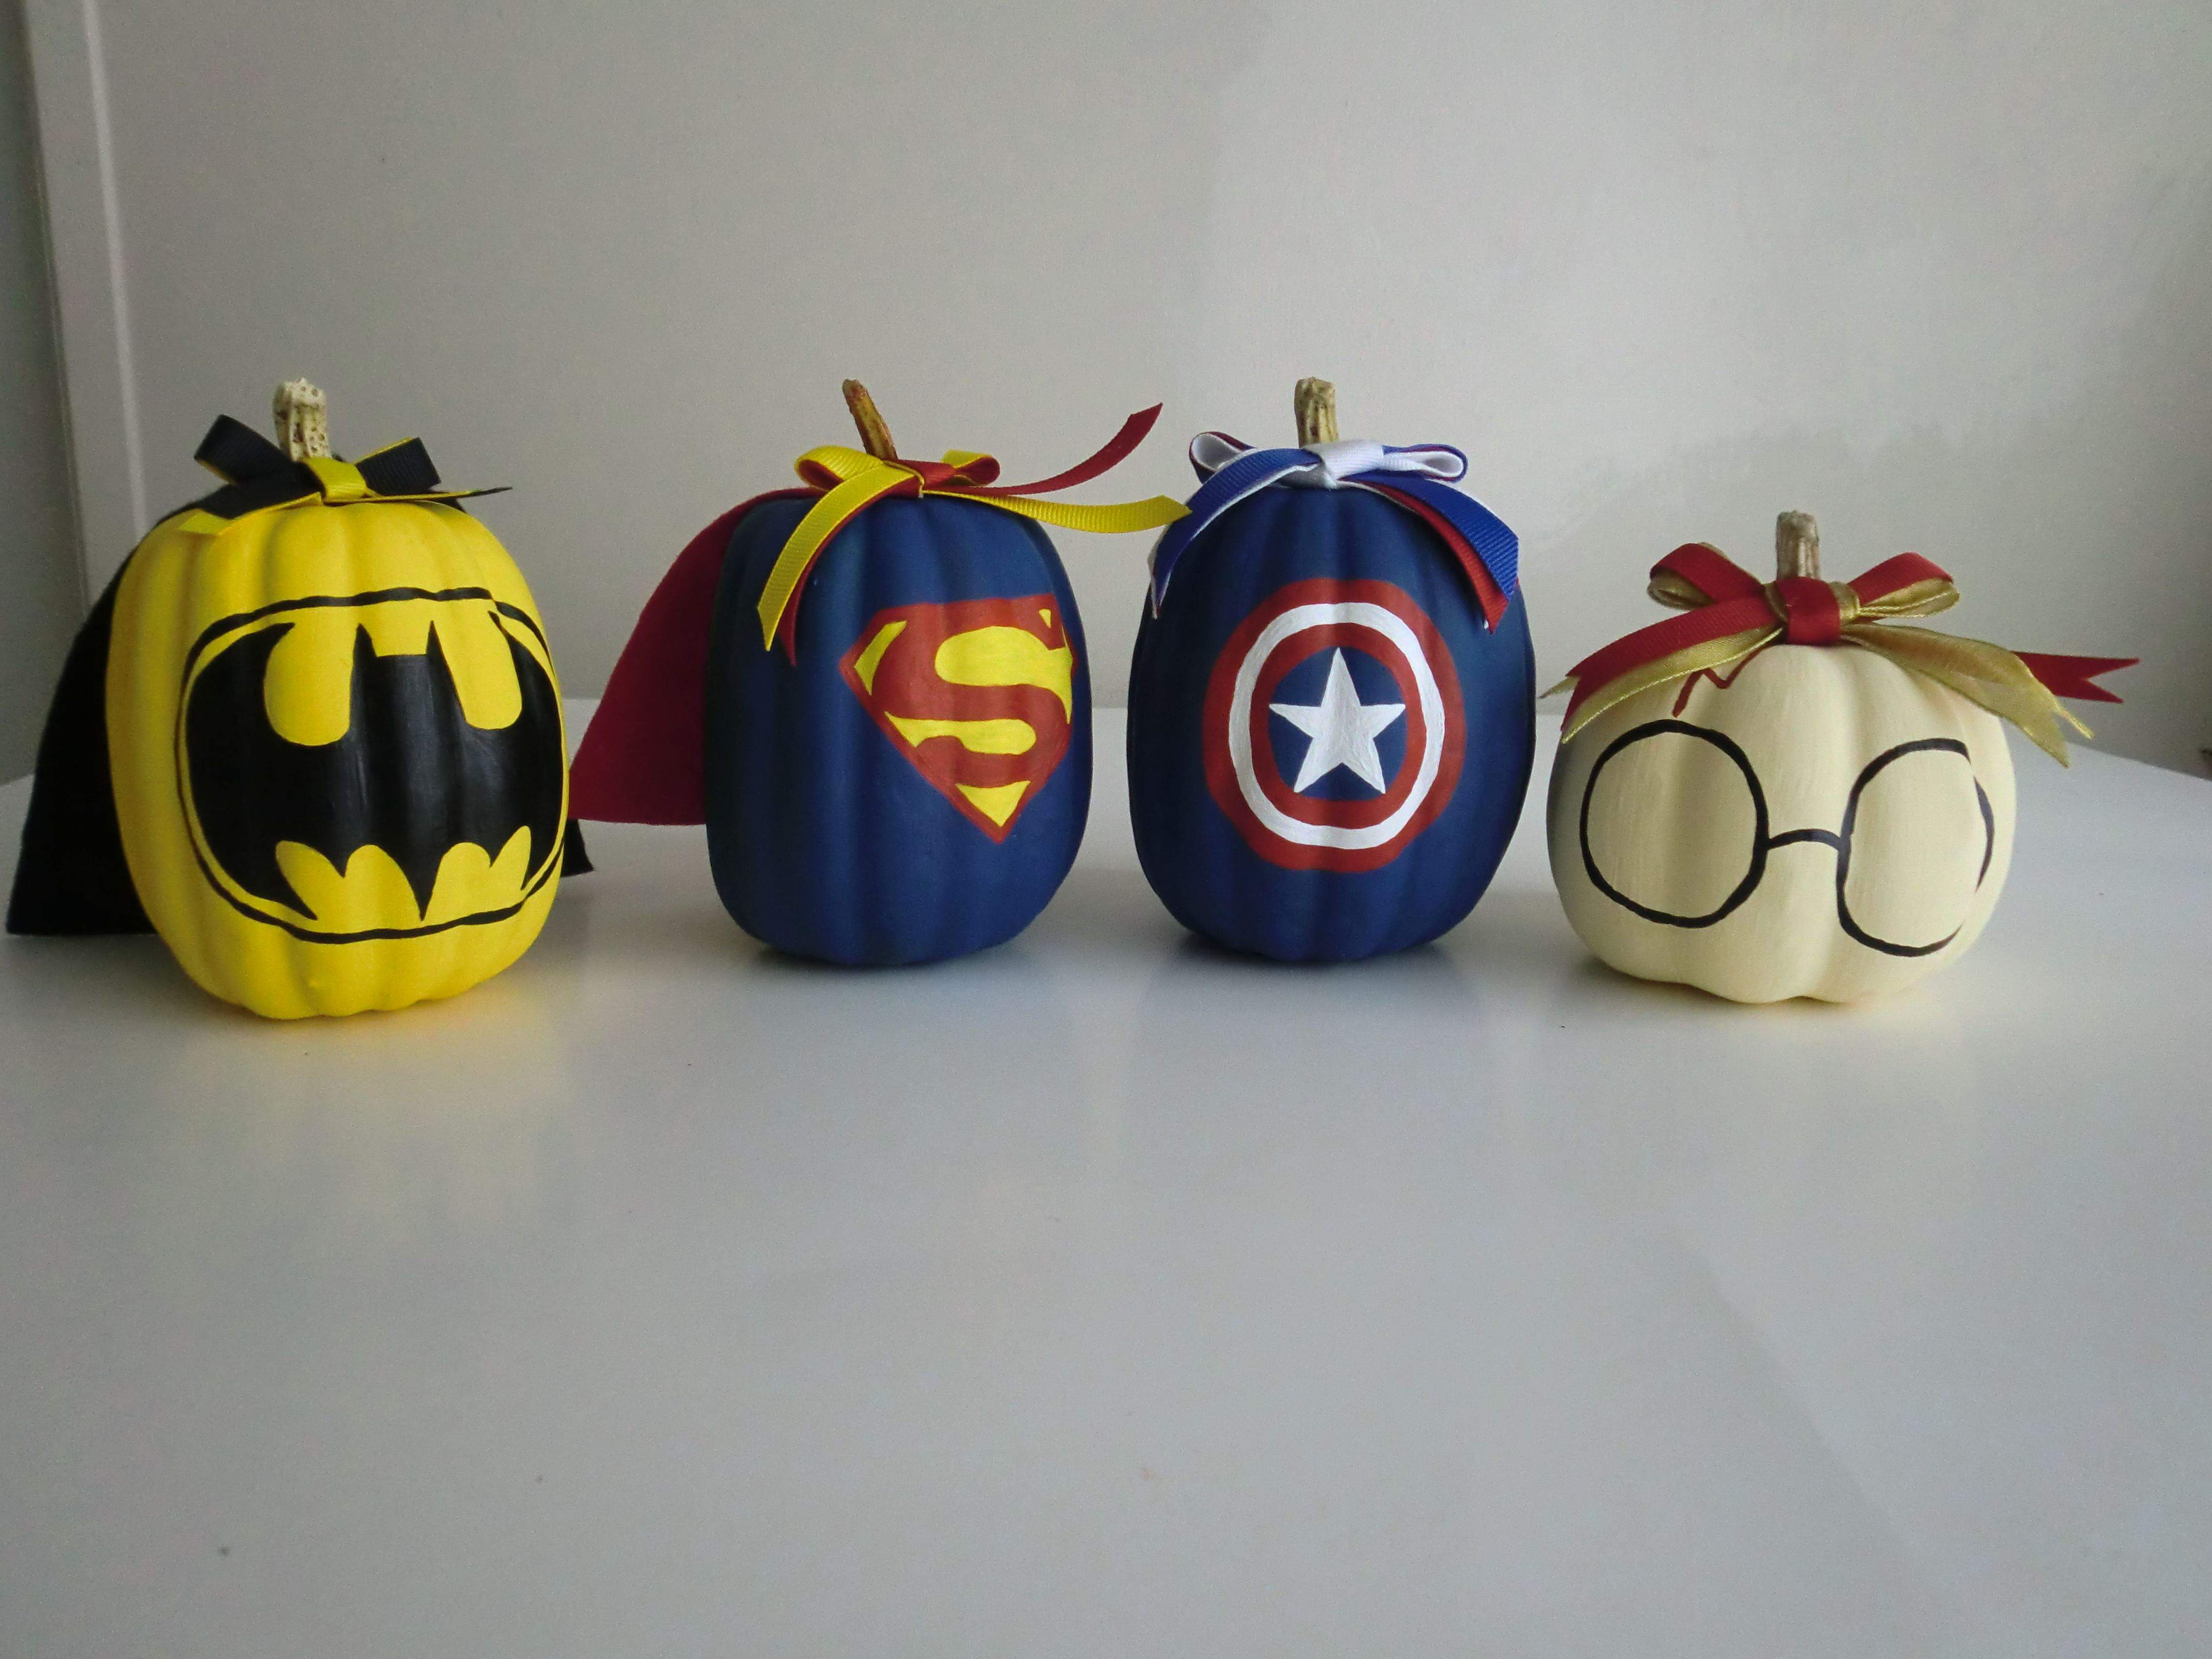 Super Hero Pumpkins Painted Pumpkins Character Pumpkins Batman